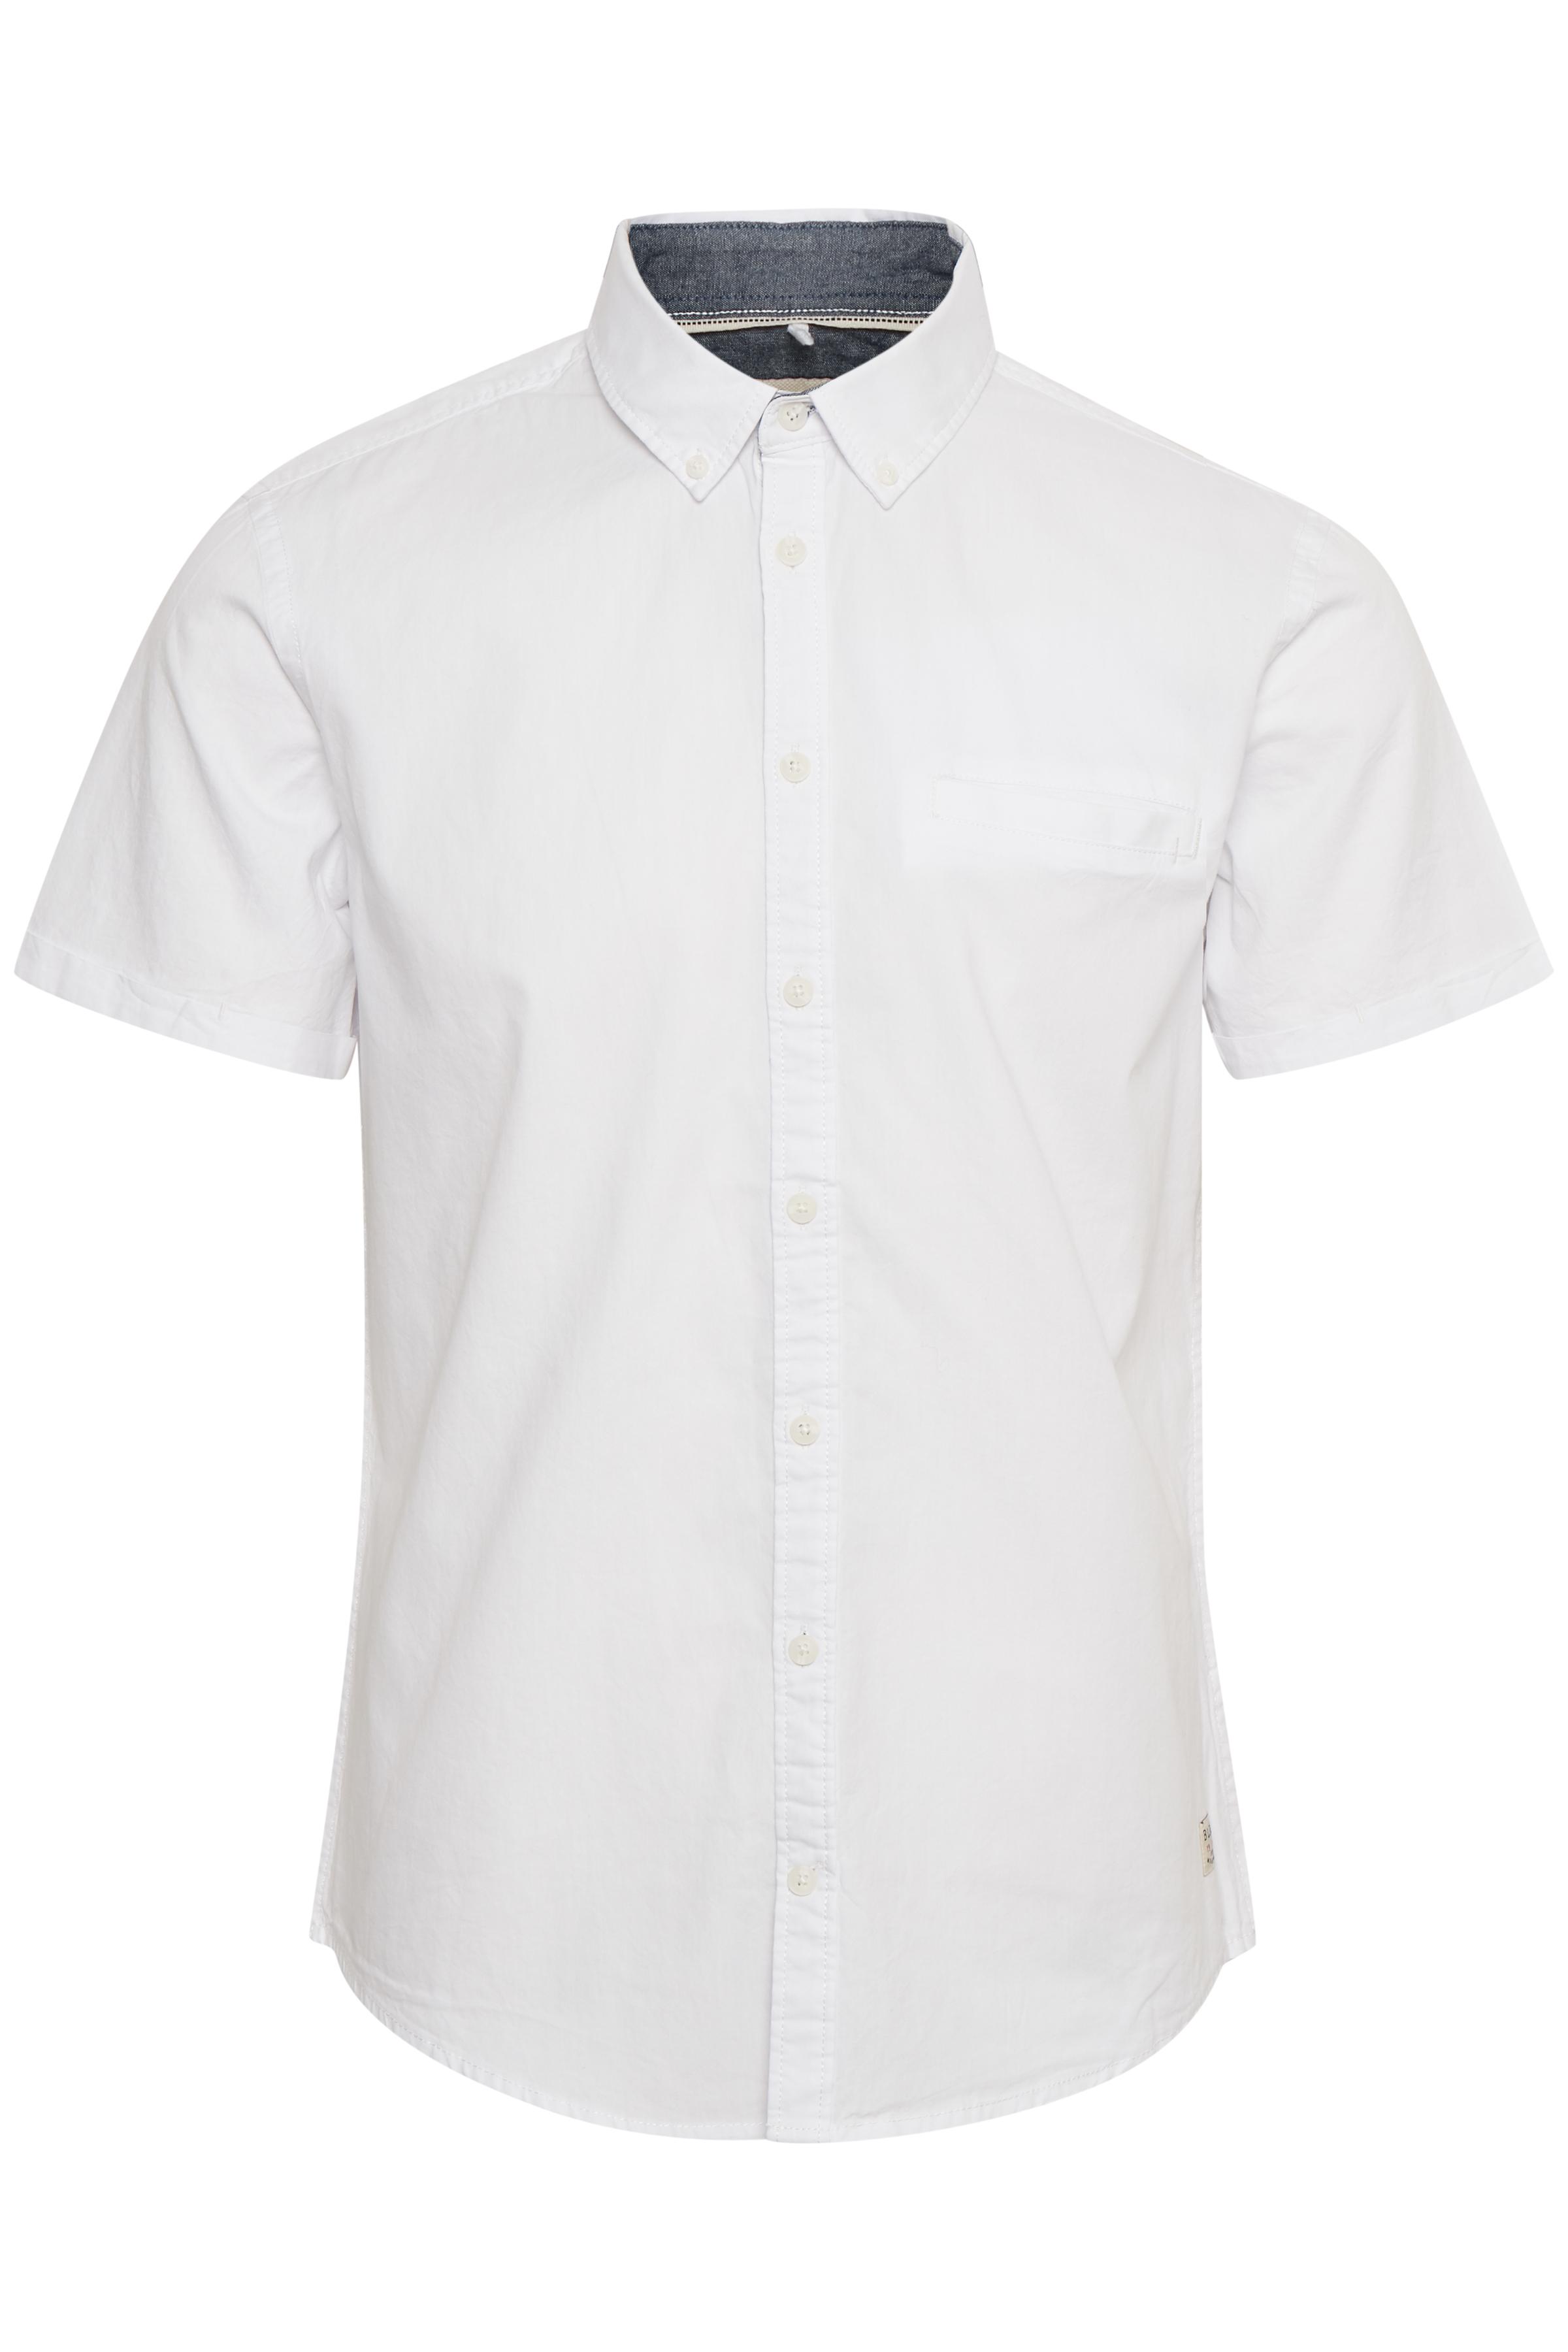 White Skjorte – Køb White Skjorte fra str. S-XXL her